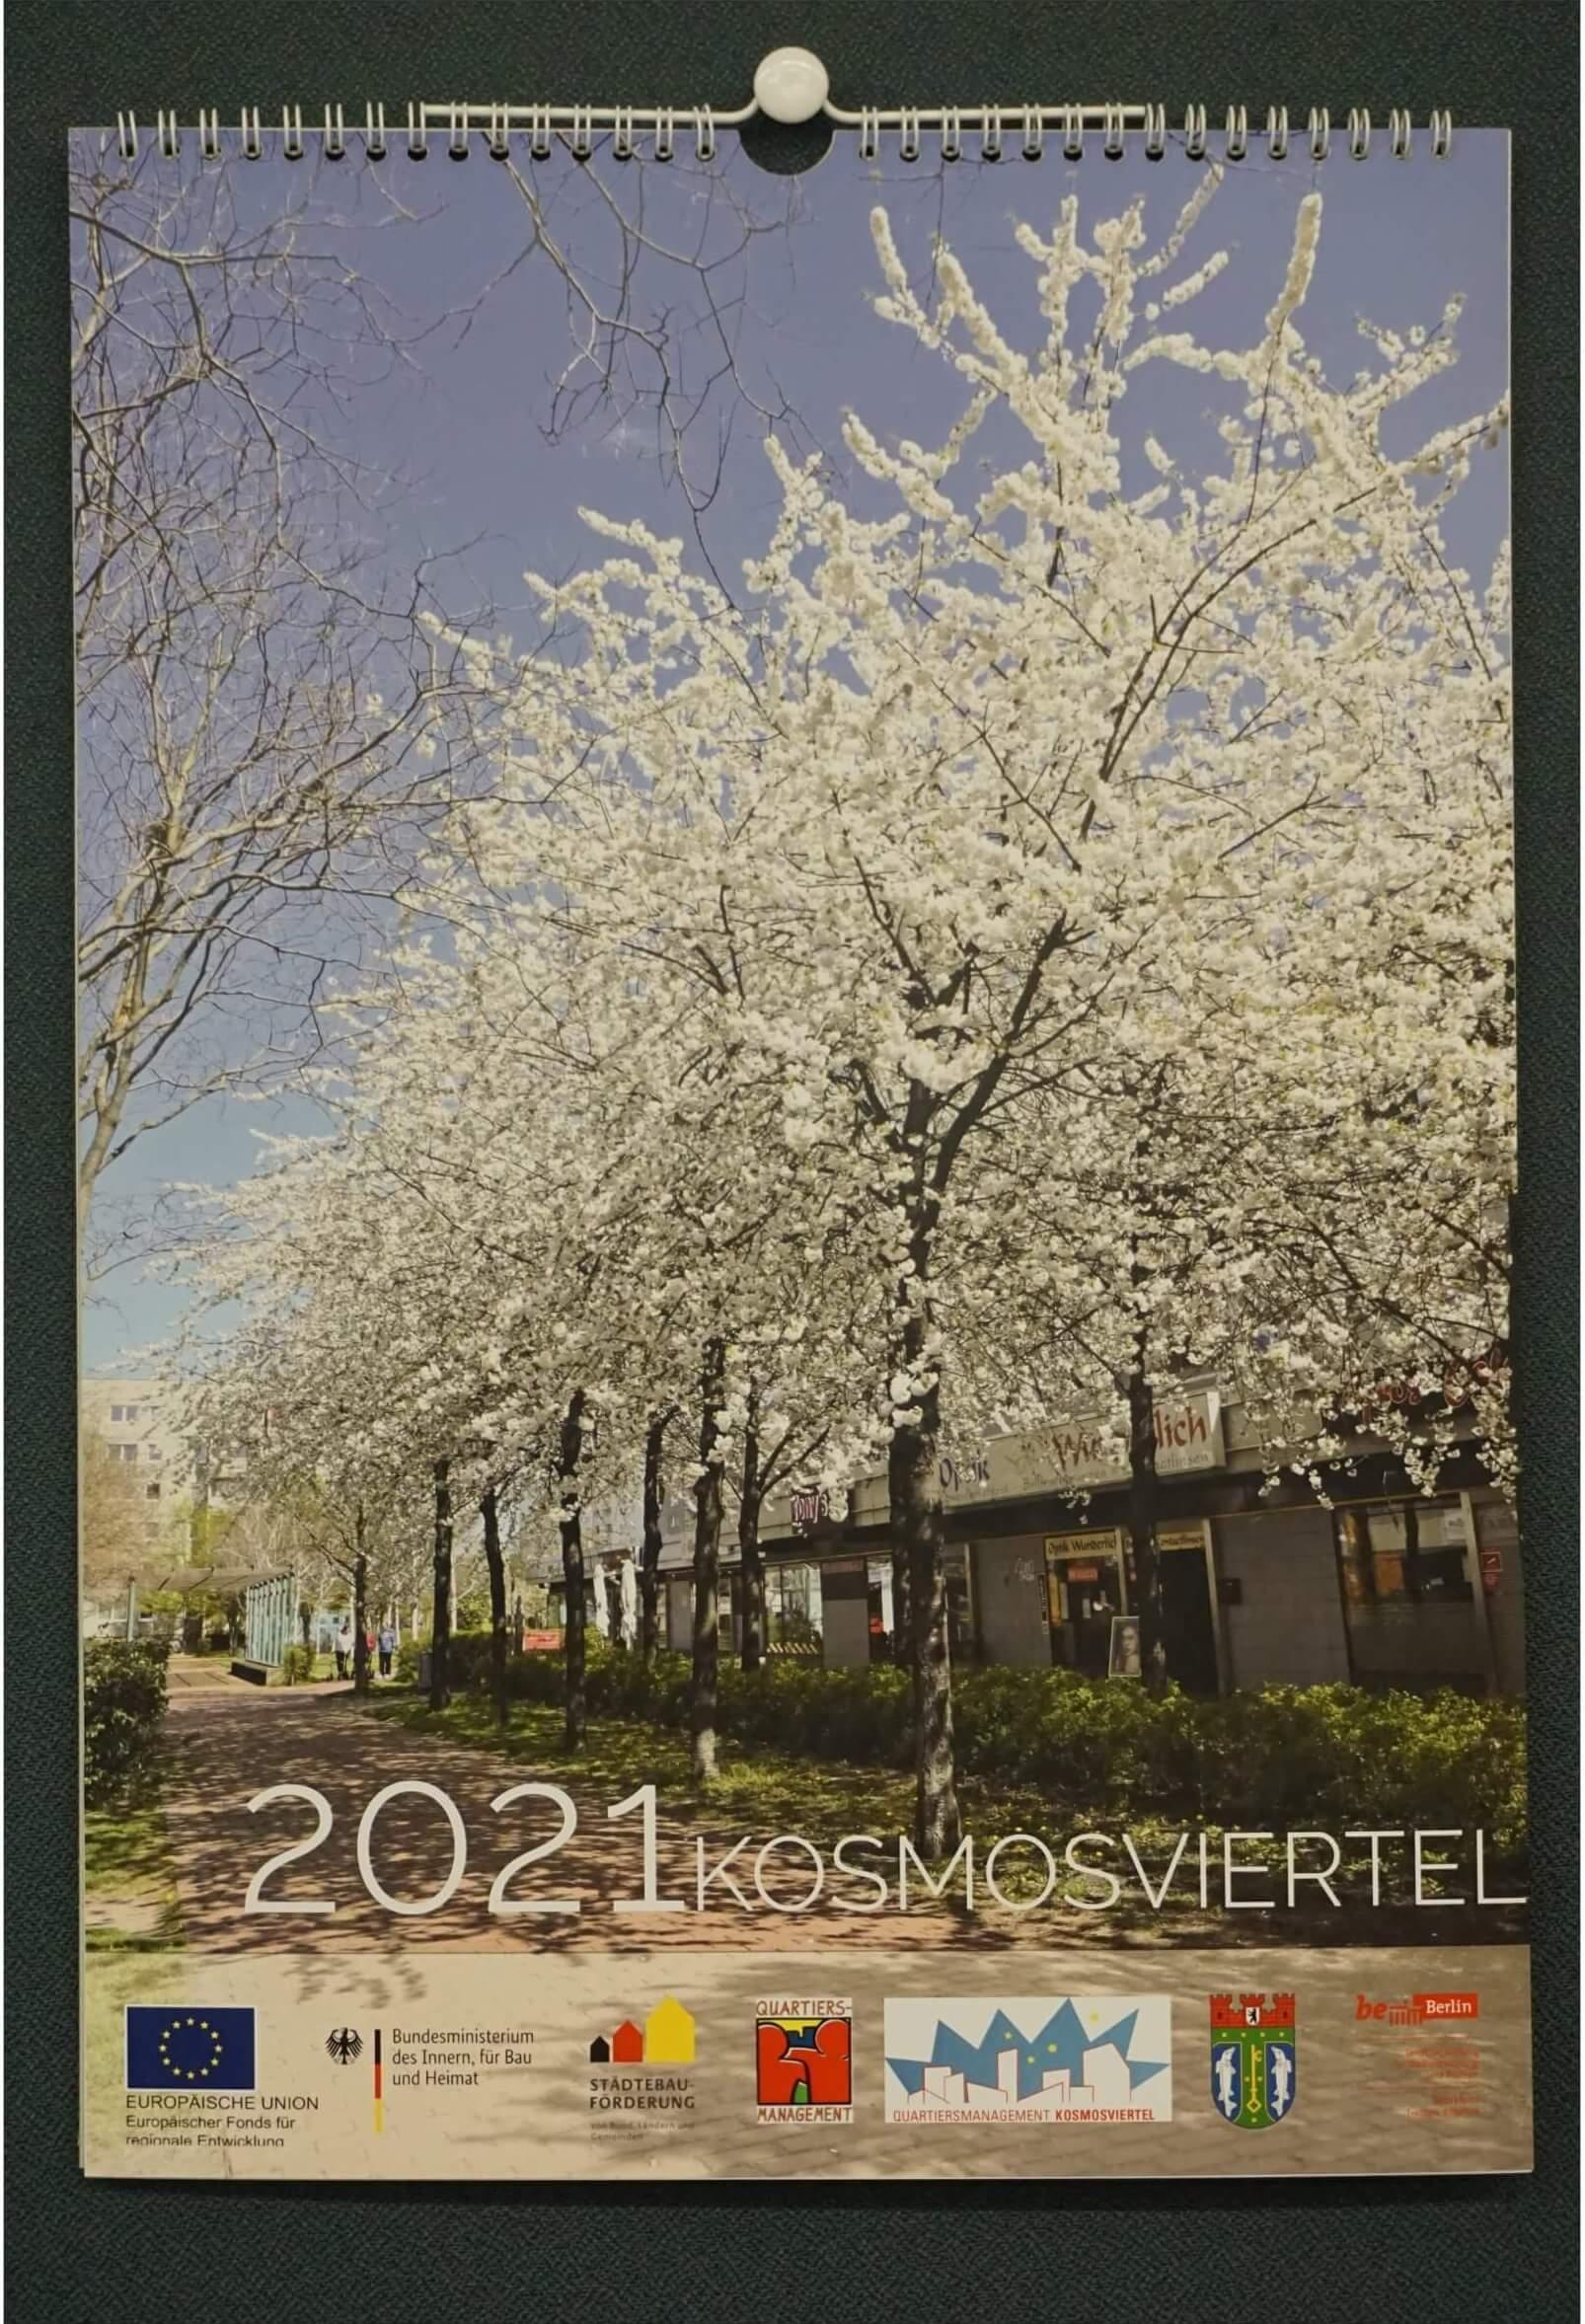 Der fertige Kosmos-Kalender für 2021 mit Motiven aus dem Kosmosviertel